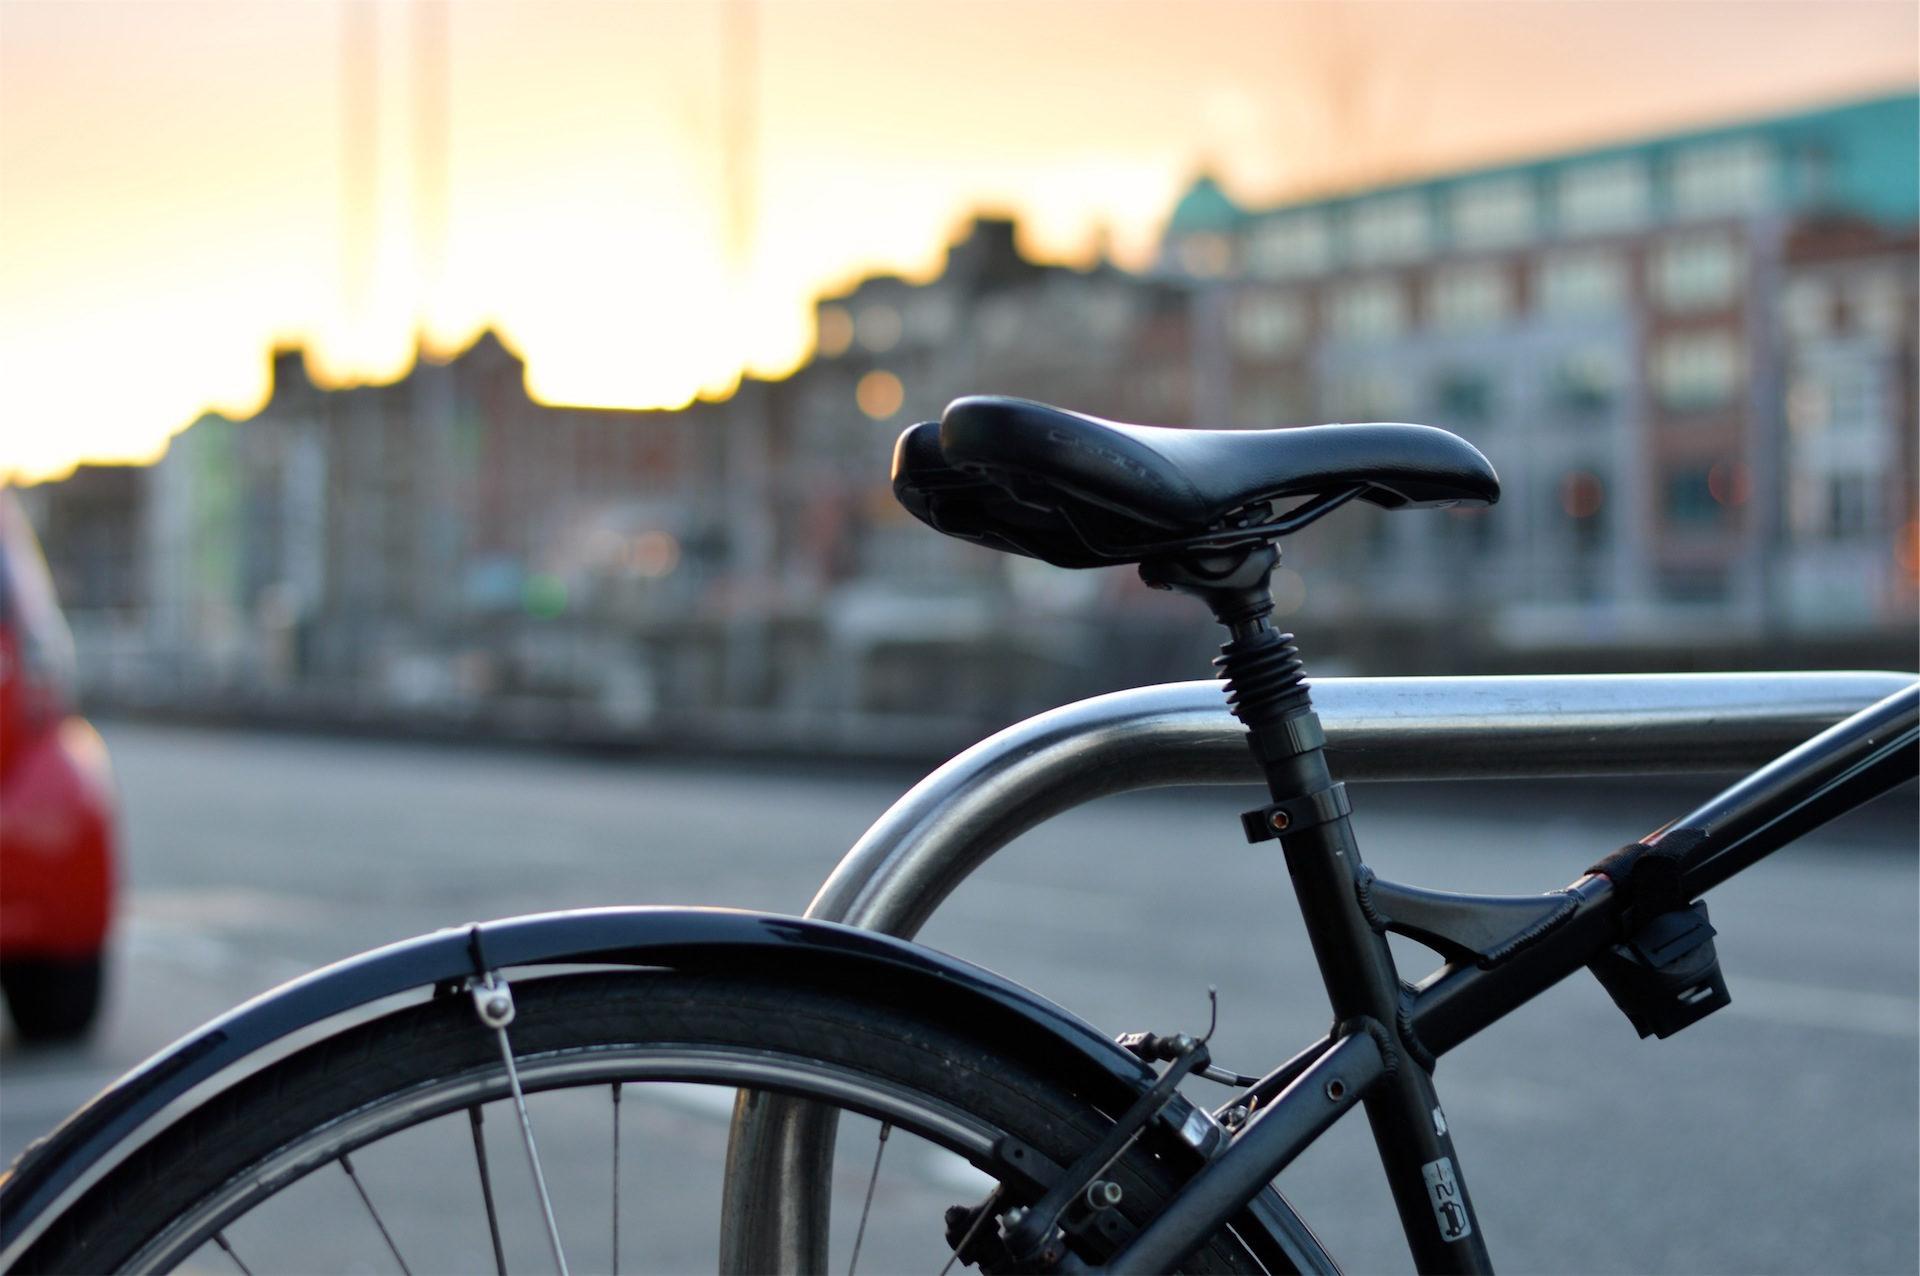 自行车, 座位, 马鞍, 车轮, 城市 - 高清壁纸 - 教授-falken.com